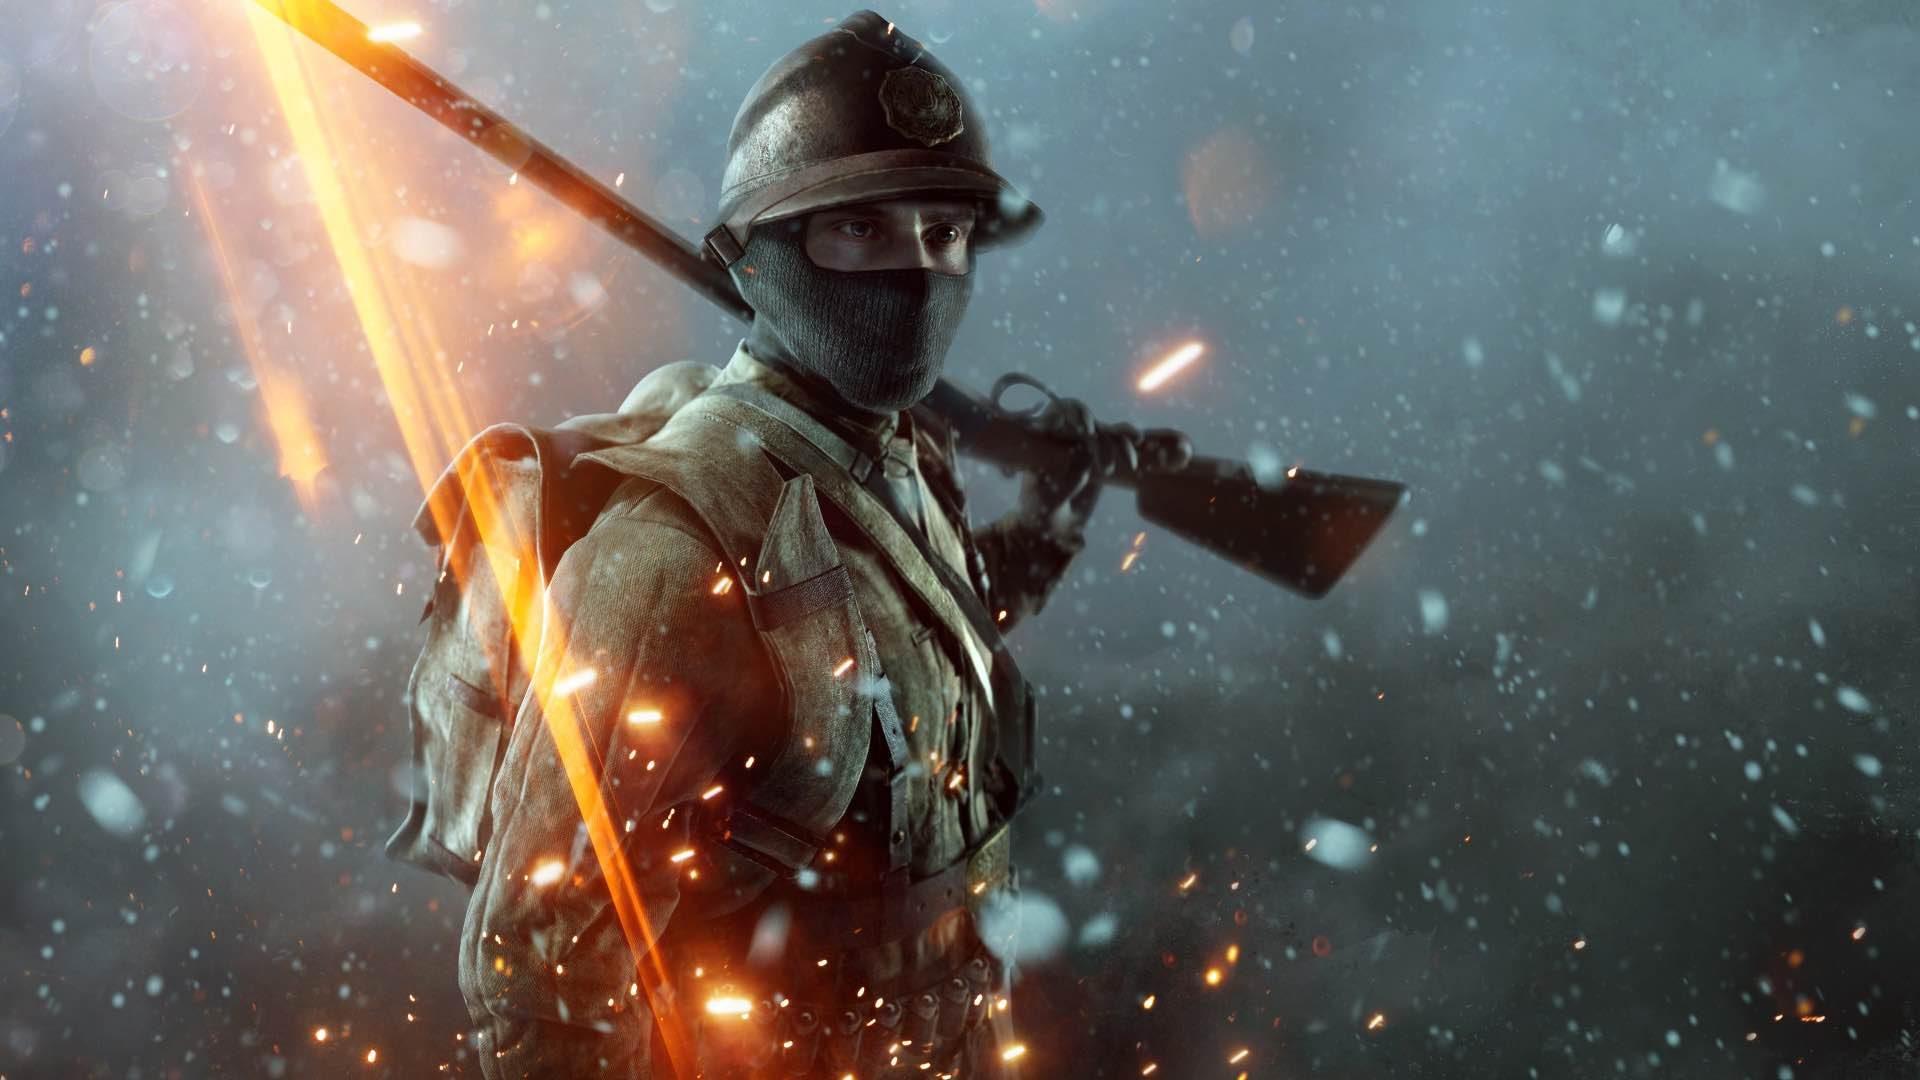 Gir bort enda flere Battlefield 1 og Battlefield 4-kart